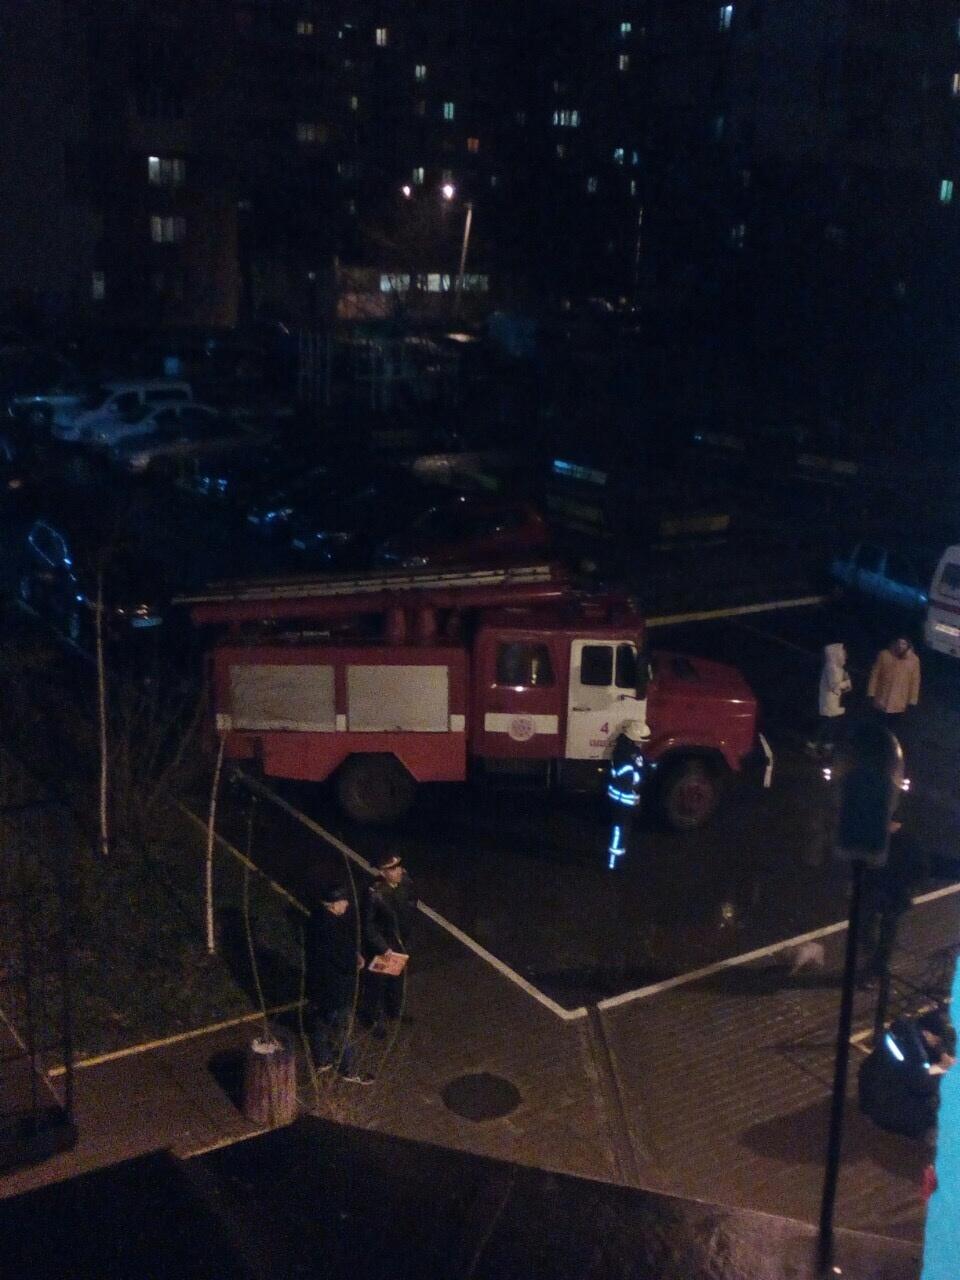 Жахливе горе: в Одесі через моторошну пожежу загинули люди (ФОТО, ВІДЕО). Нестало матері та чотирьох дітей. Такої смерті нікому не побажаєш